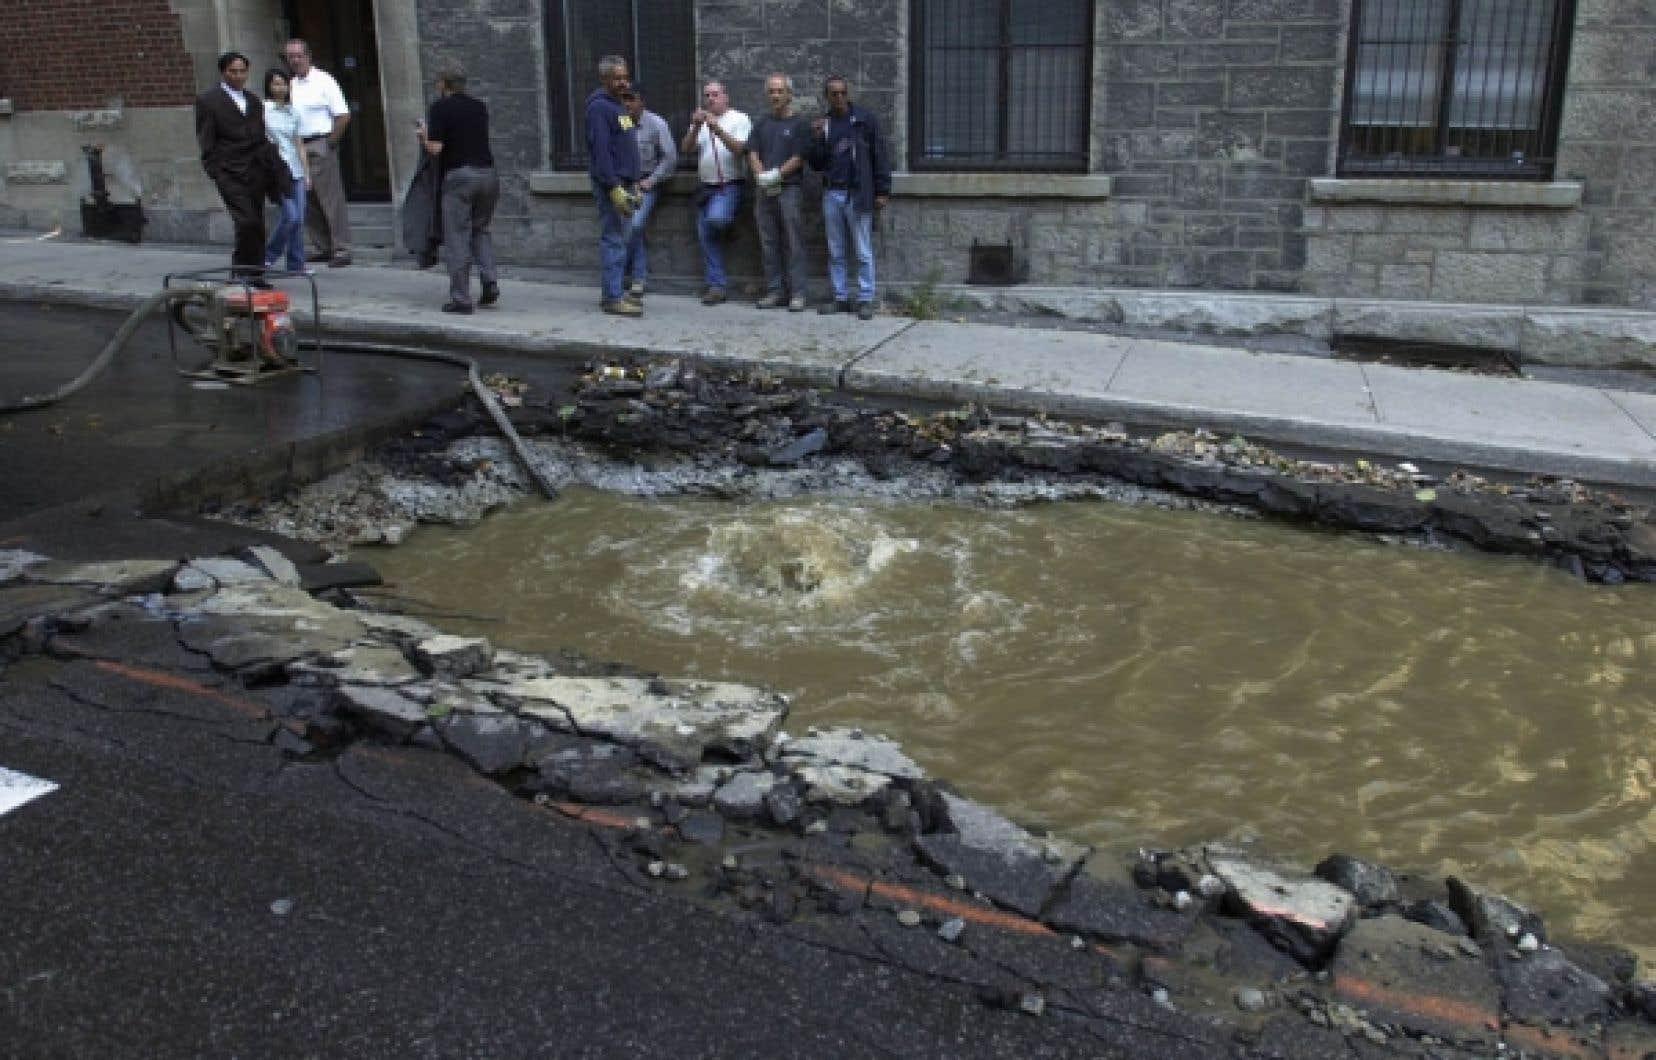 Environ le tiers des conduites d'eau à Montréal auraient atteint la fin de leur durée de vie utile et devraient être refaites ou remplacées<br />